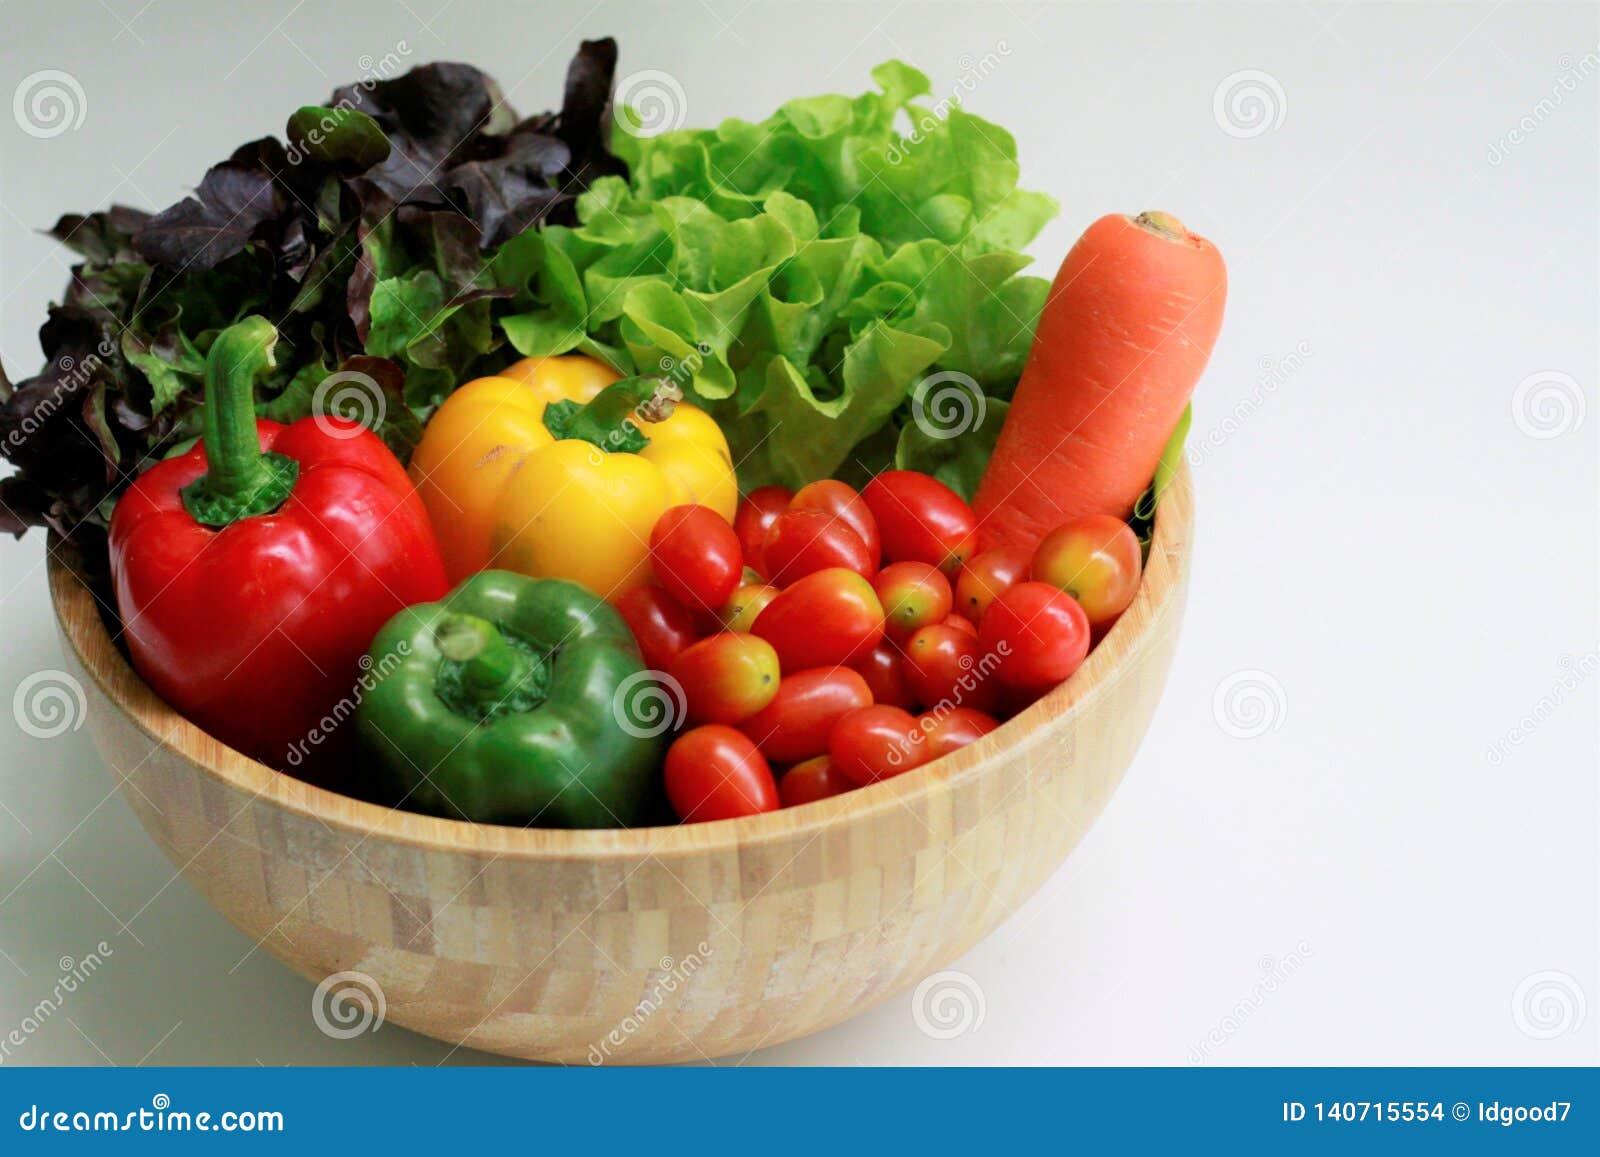 Κλείστε επάνω των φρέσκων λαχανικών σε ένα ξύλινο κύπελλο, πράσινη δρύινη, κόκκινη βαλανιδιά, καρότο, πιπέρια κουδουνιών, ντομάτε